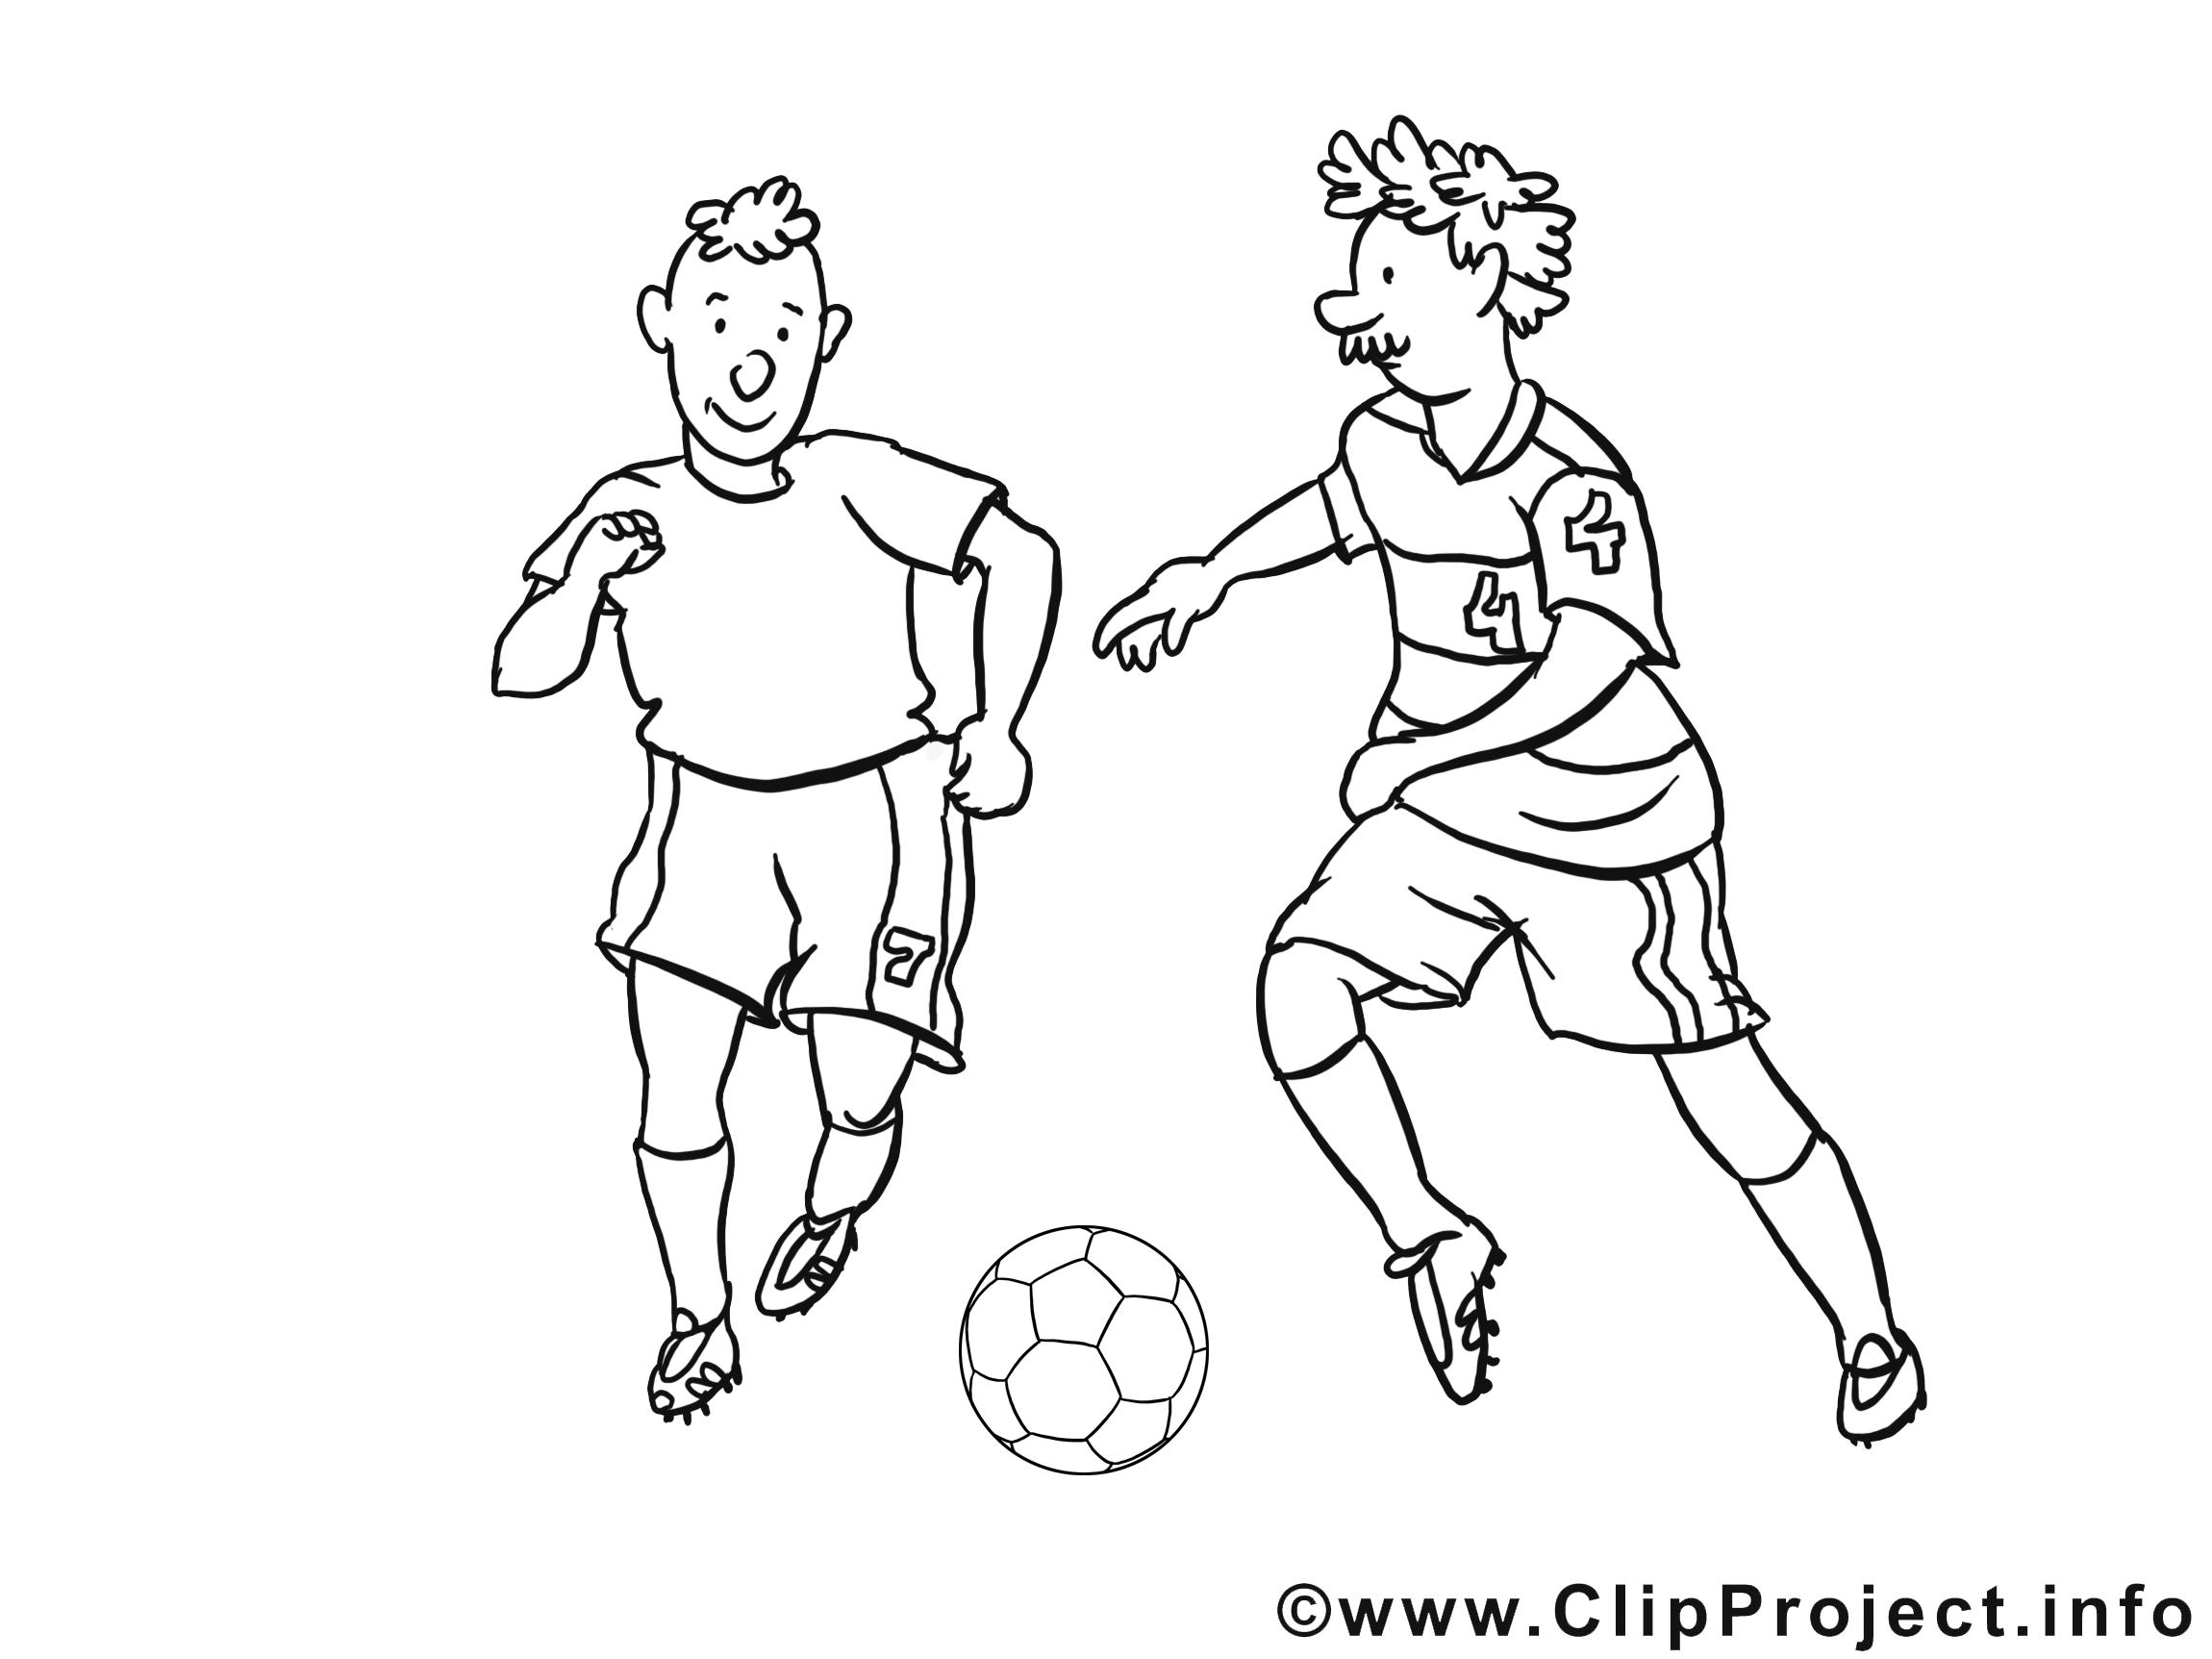 Joueurs clip art à colorier – Football images